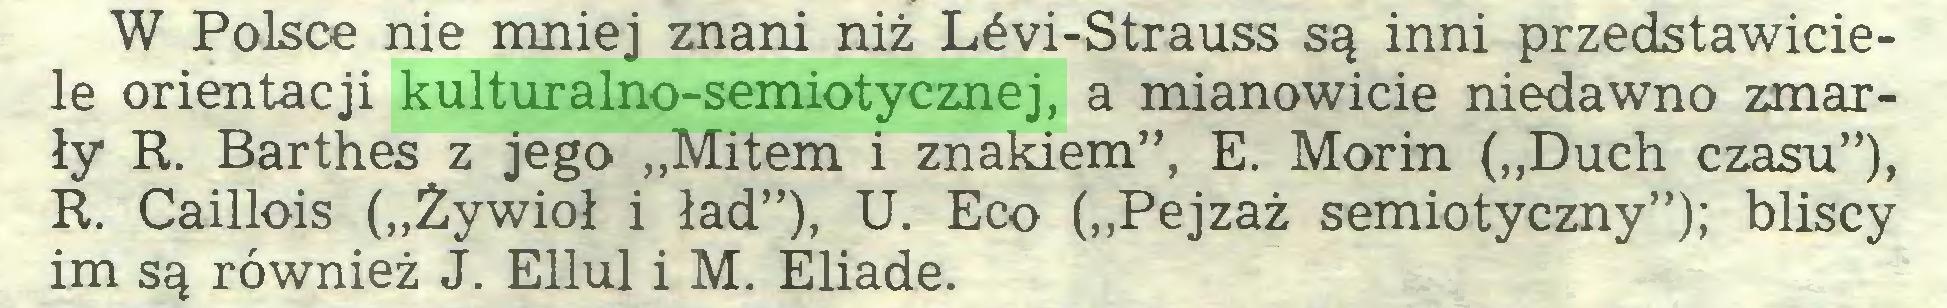 """(...) W Polsce nie mniej znani niż Lévi-Strauss są inni przedstawiciele orientacji kulturalno-semiotycznej, a mianowicie niedawno zmarły R. Barthes z jego """"Mitem i znakiem"""", E. Morin (""""Duch czasu""""), R. Caillois (""""Żywioł i ład""""), U. Eco (""""Pejzaż semiotyczny""""); bliscy im są również J. Ellul i M. Eliade..."""